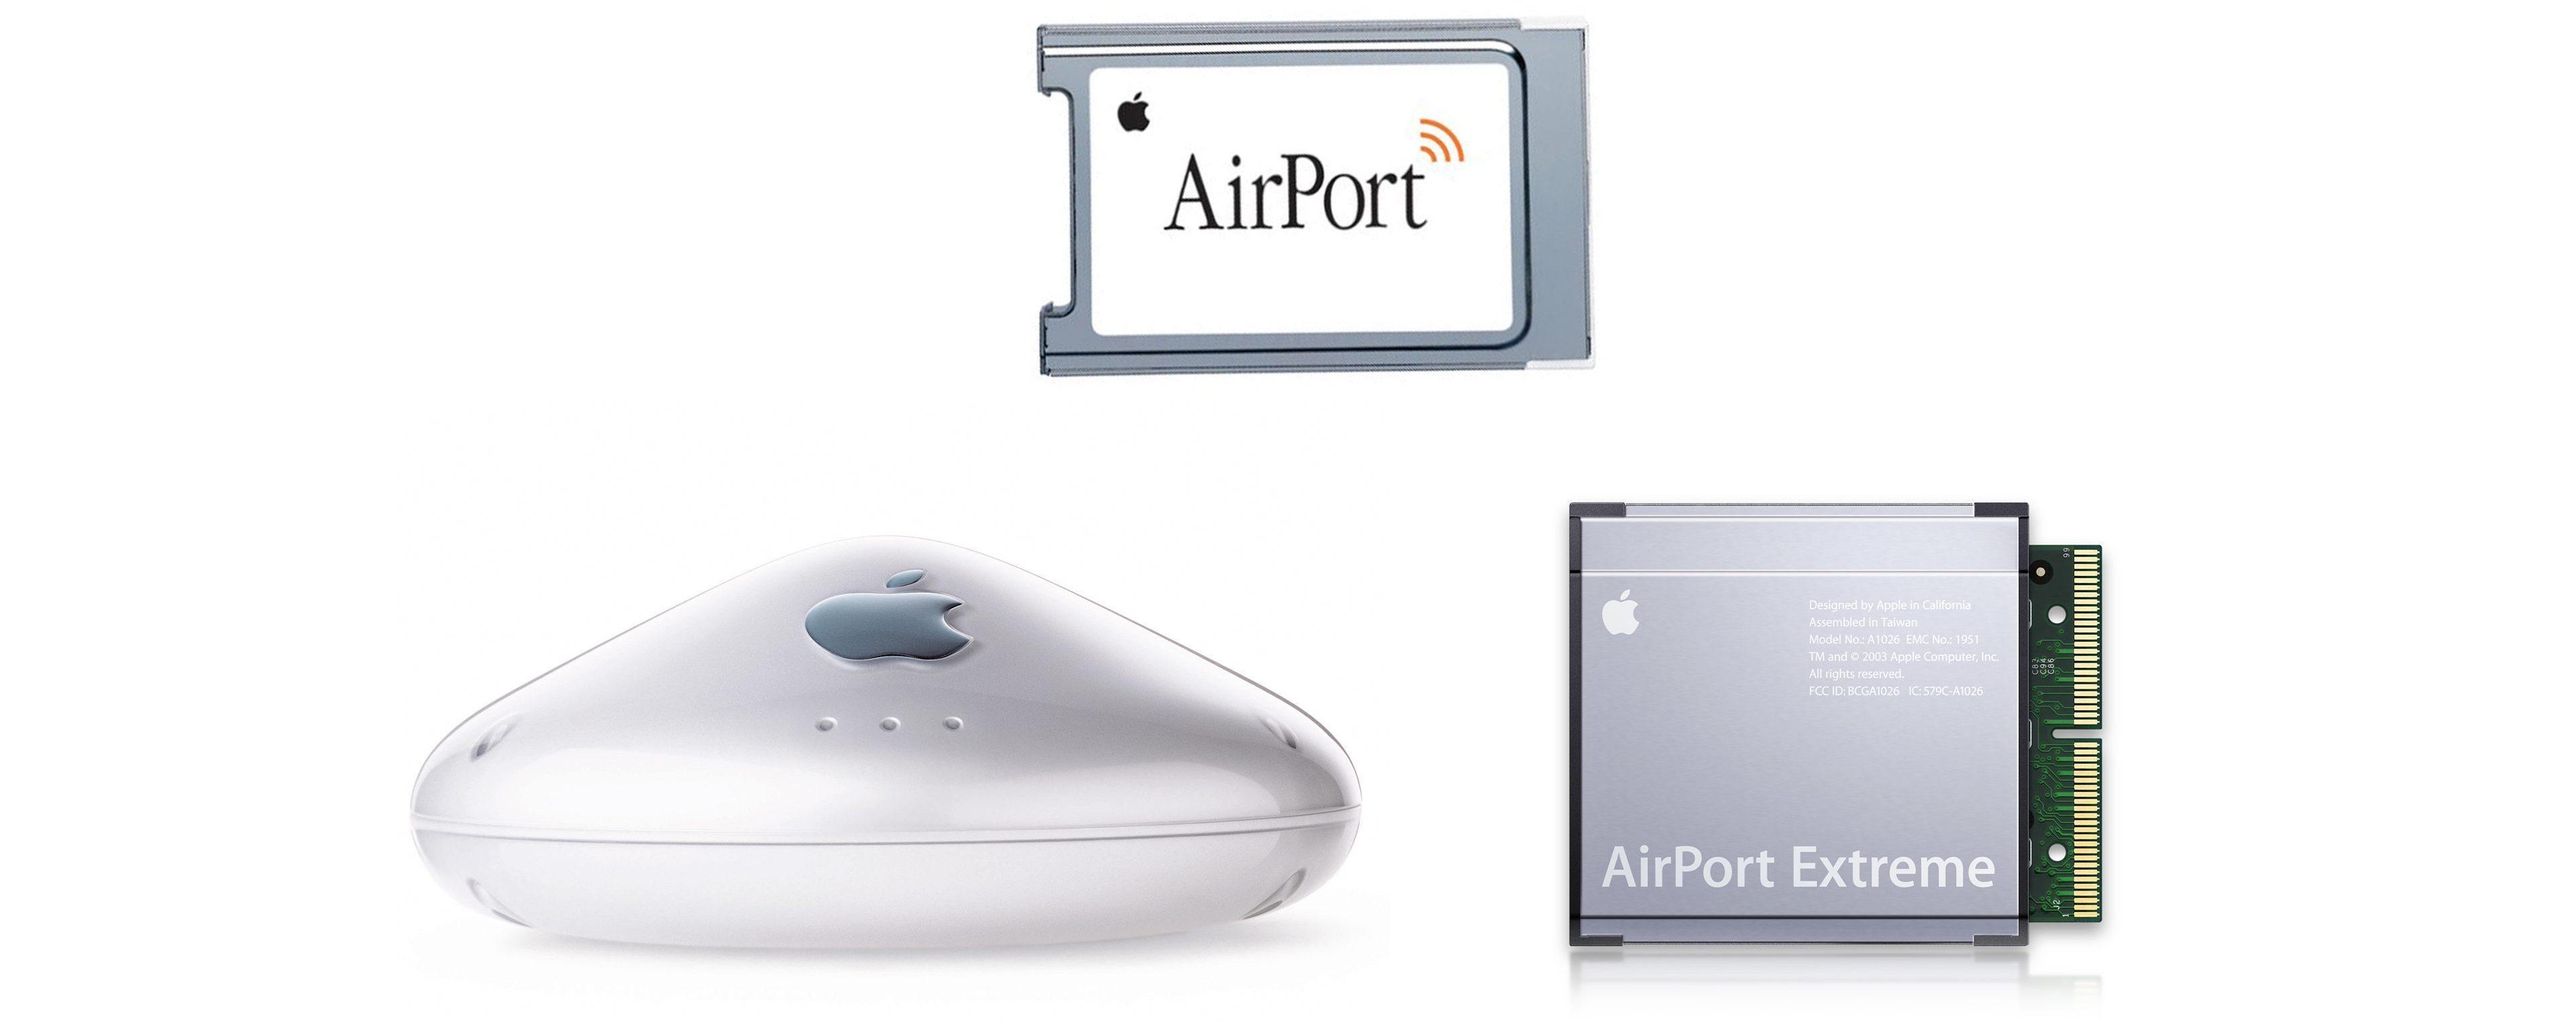 """<span href=""""https://9to5mac.com/2018/04/26/apple-airport-cancellation/"""">Apple oficialmente suspende el Aeropuerto router de la línea, no hay planes para el futuro de hardware</a>"""